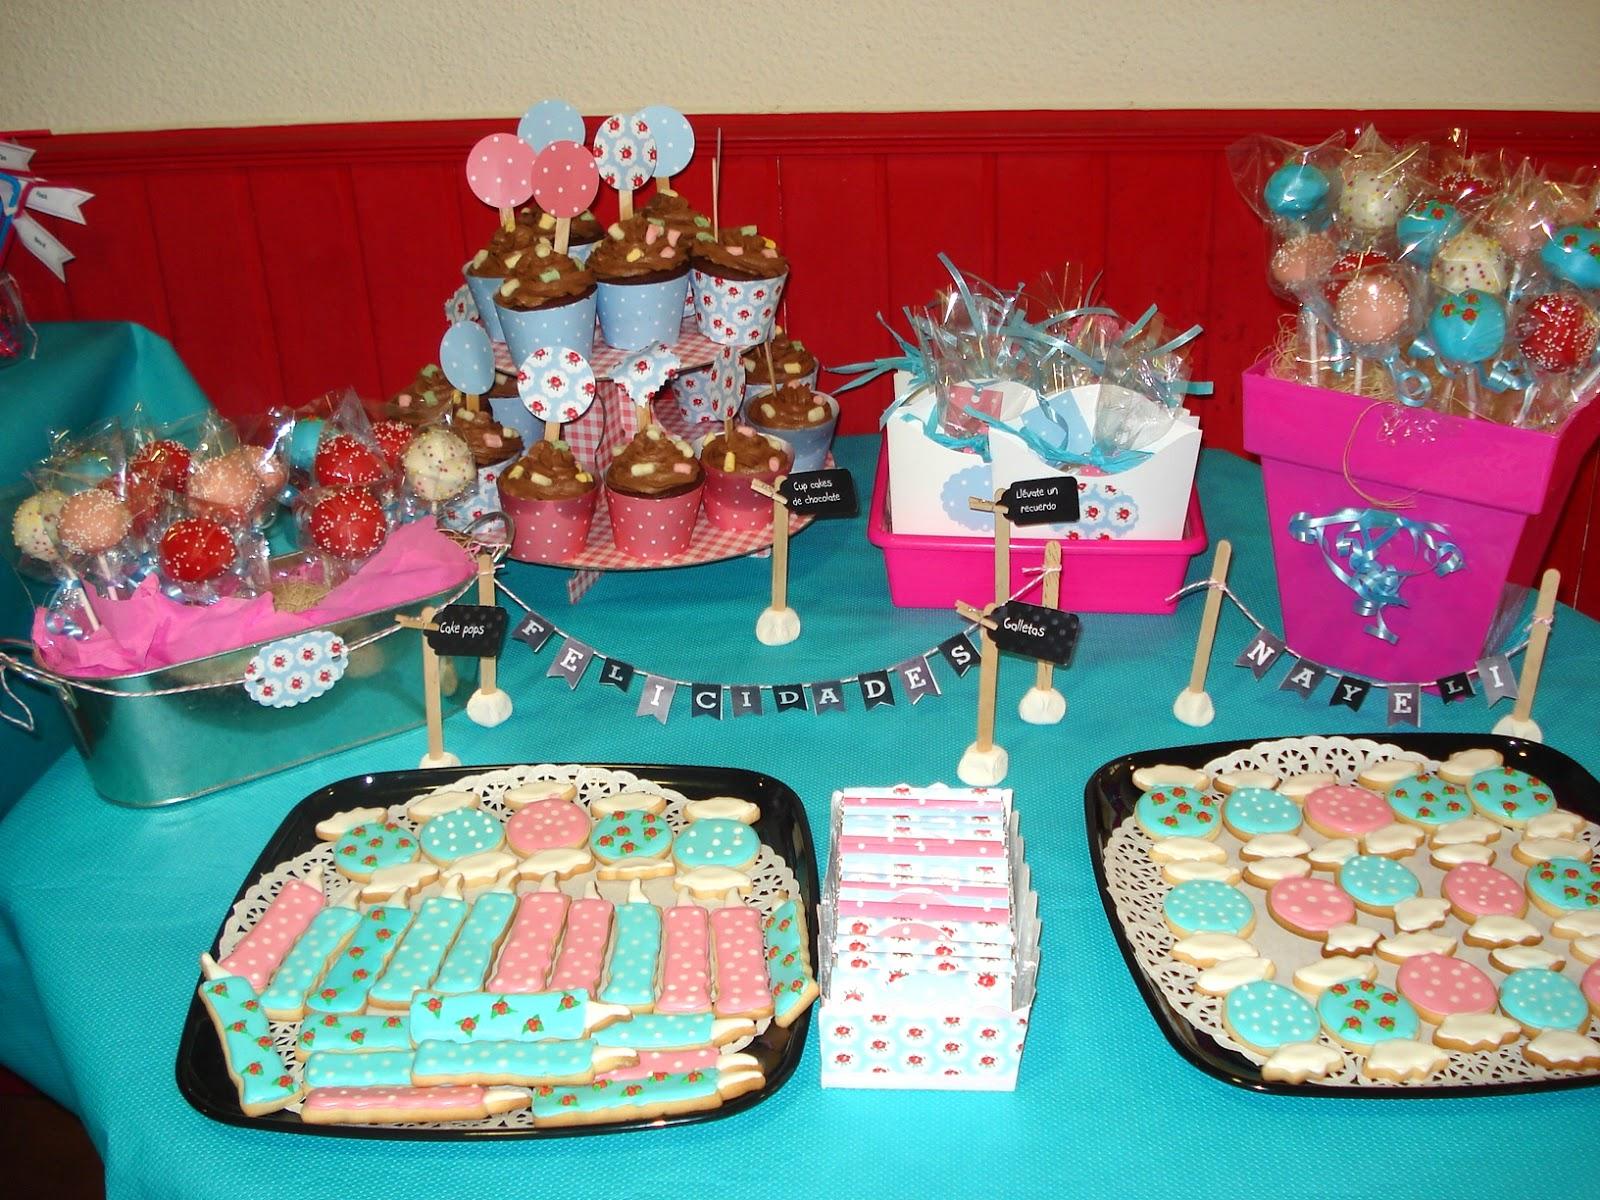 mesa dulce fiesta cumpleaos estilo cath kidston